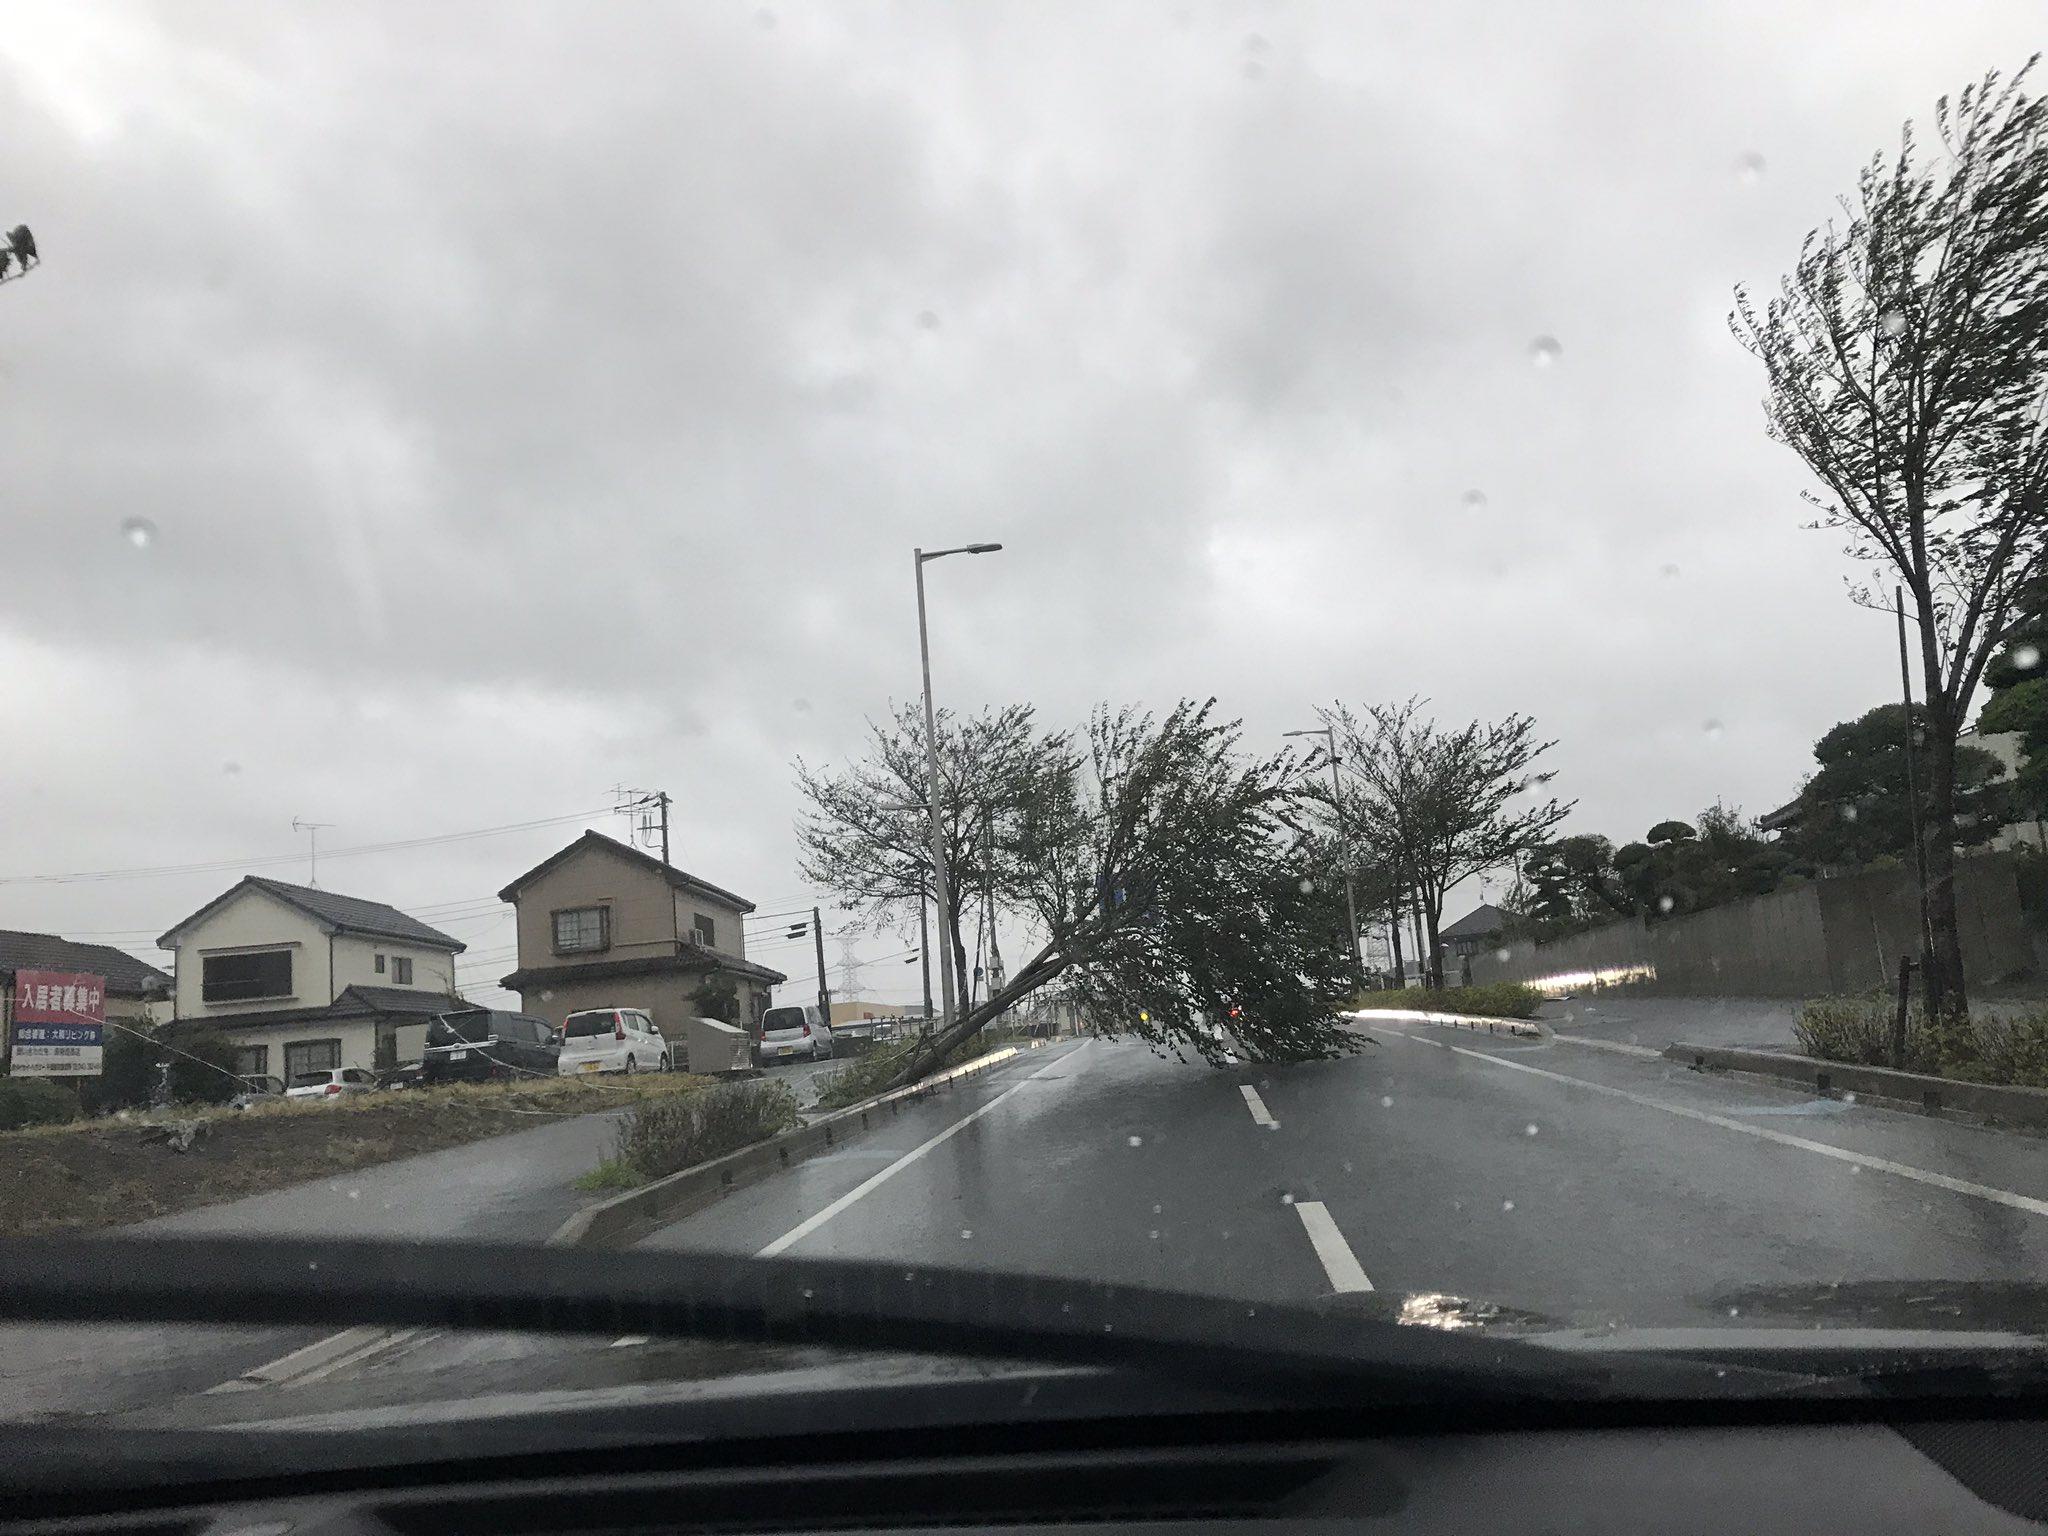 画像,@ZIP_TV 千葉市緑区外房有料道路は倒木で通行止め。高田インター前も、電柱と倒木により通行止めです。 https://t.co/CQiOt0eKci…